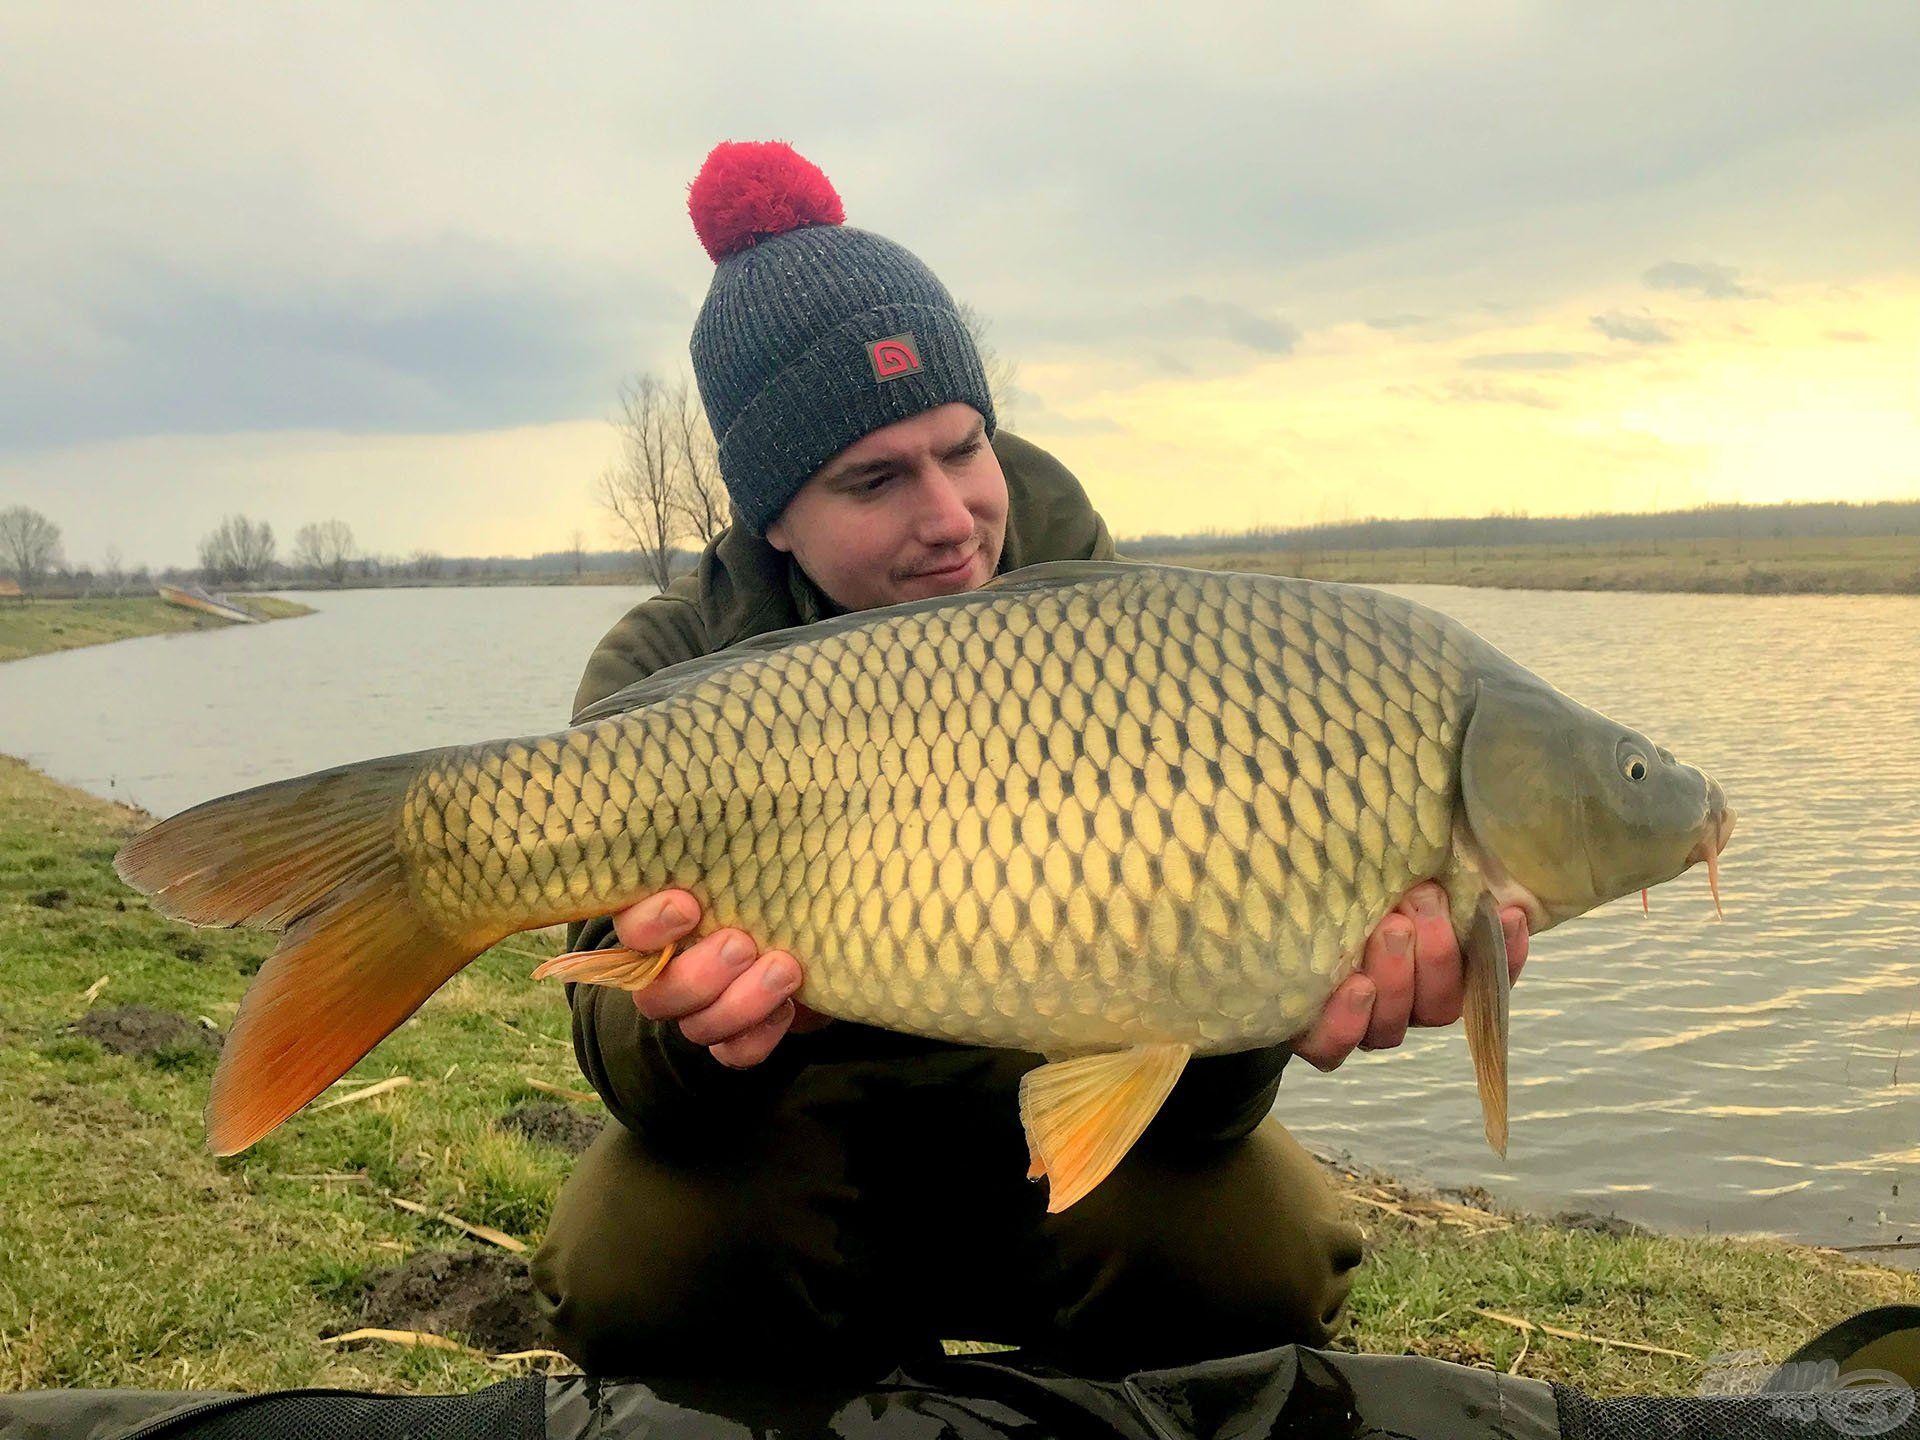 Átgondolt, egyszerű horgászattal csodás halakra bukkanhatunk a legtöbb vízterületen már az év első horgászatain is!